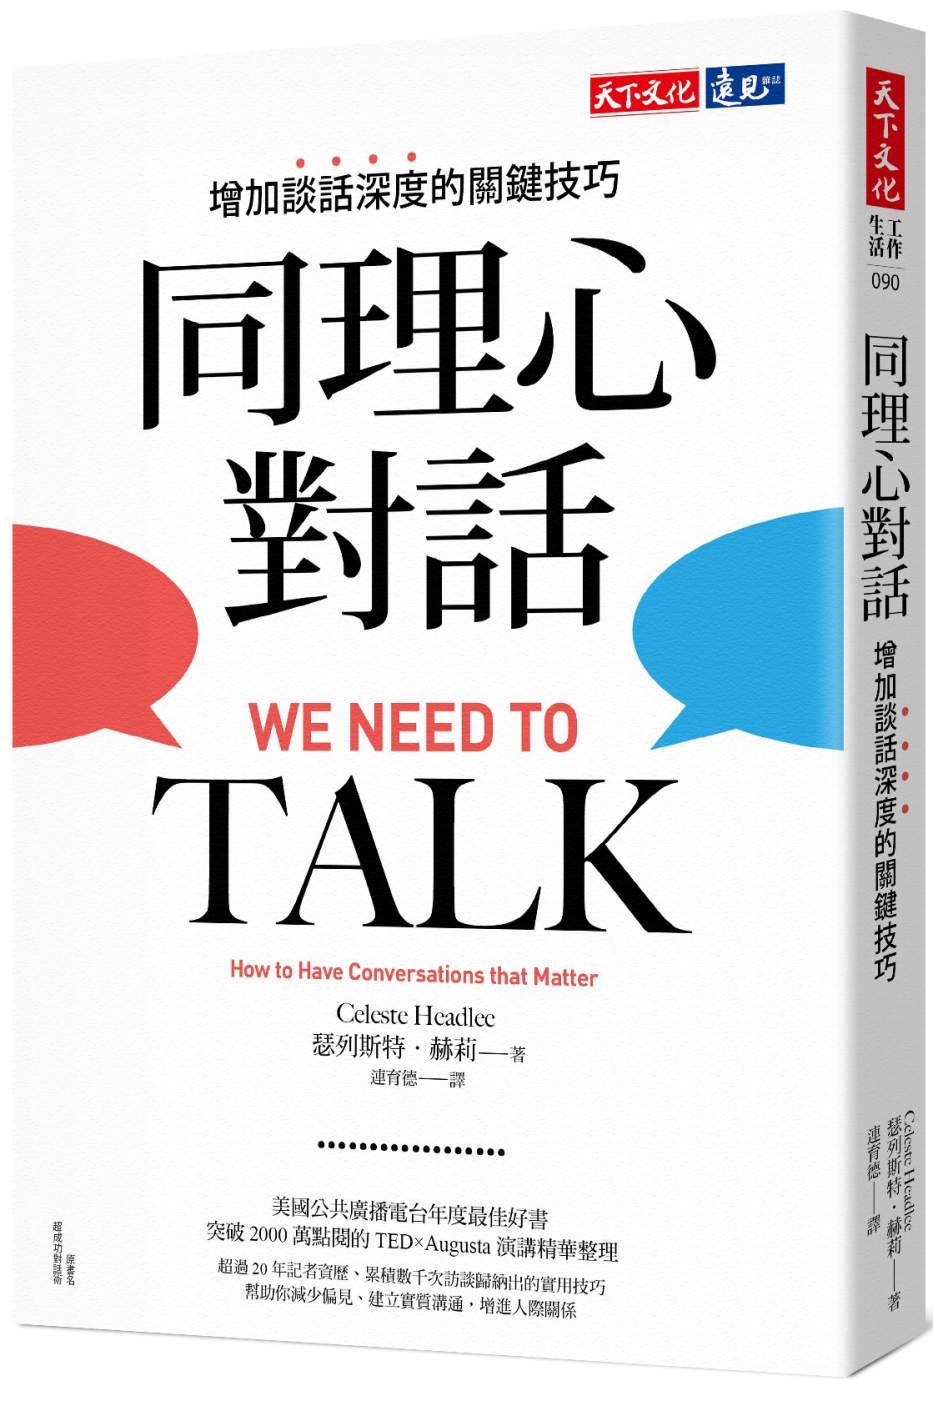 同理心對話:增加談話深度的關鍵...